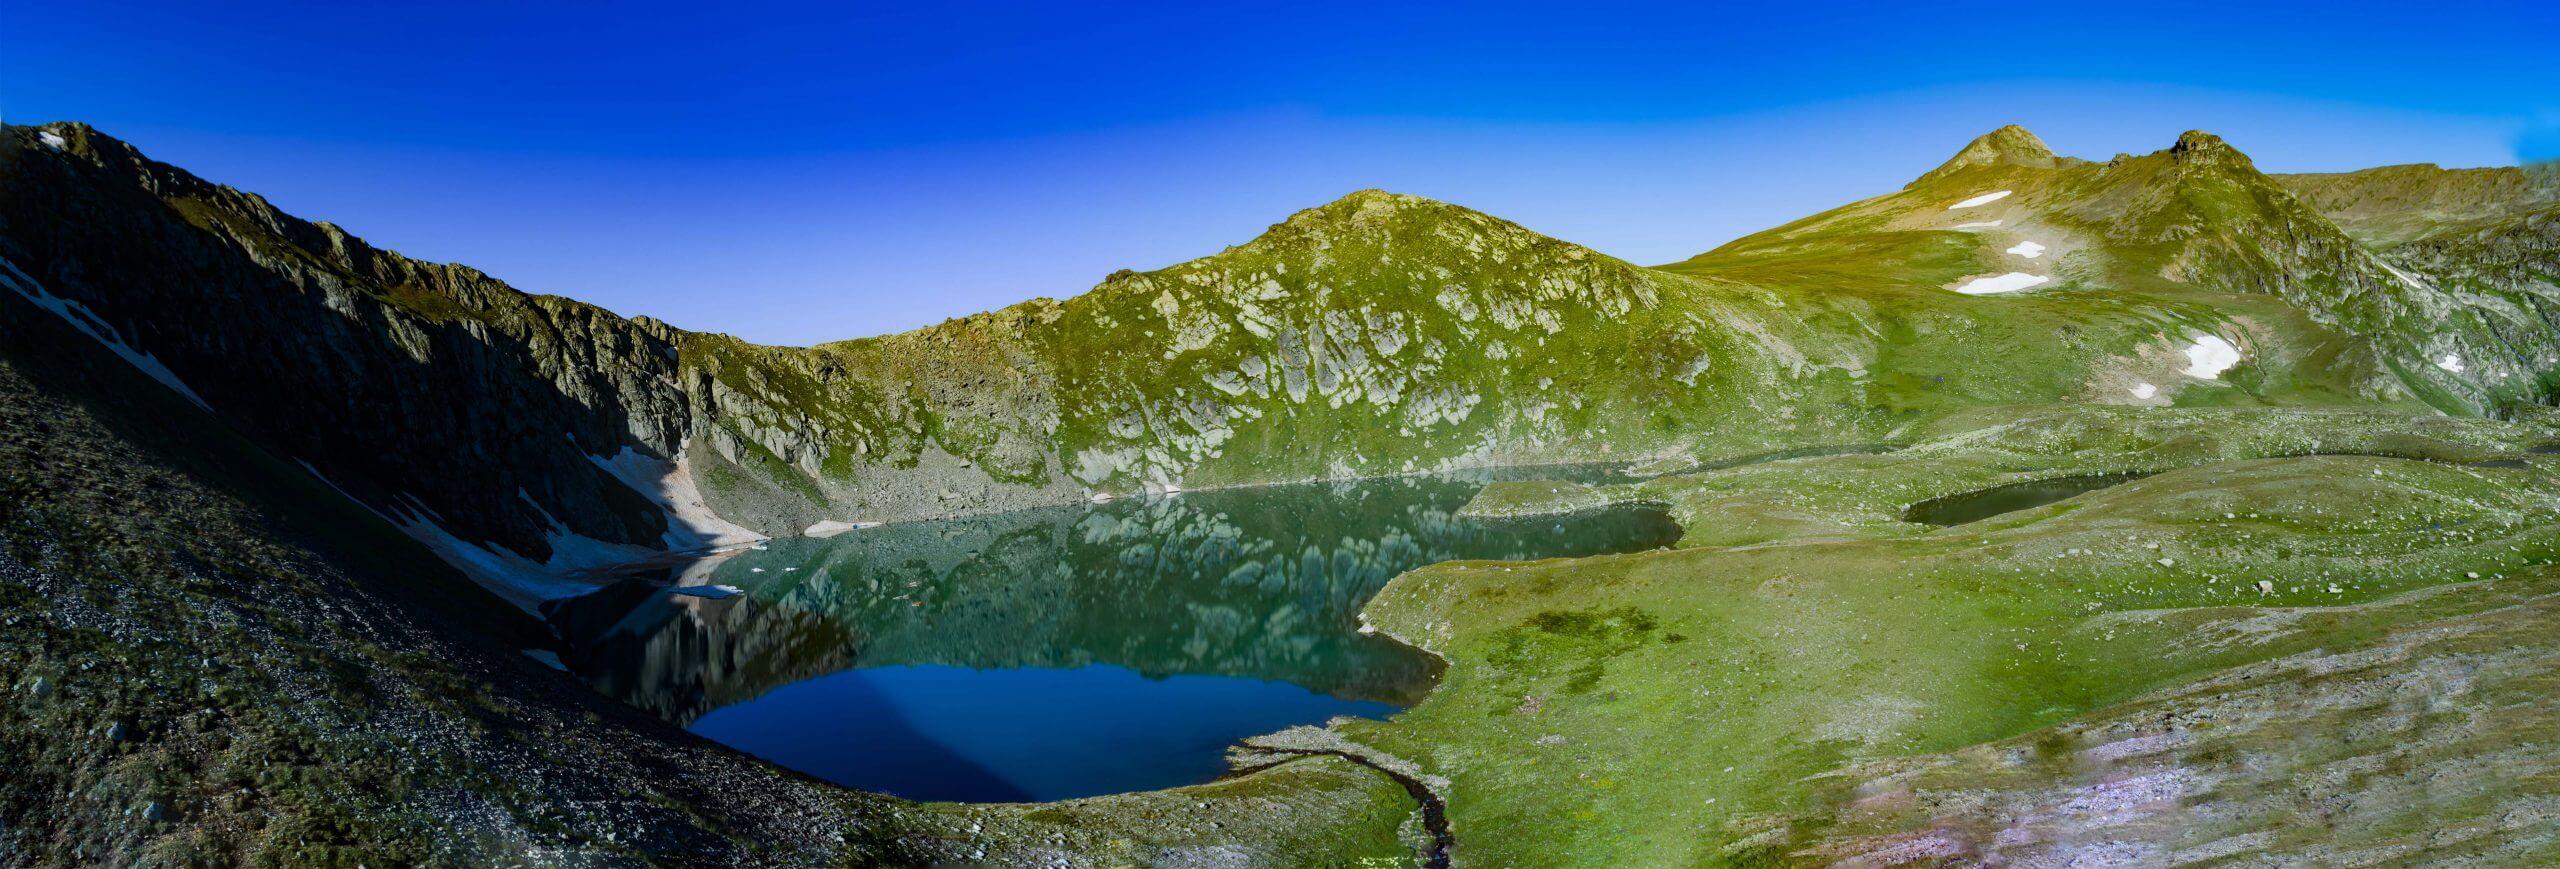 Озеро перевальное (Речепста)